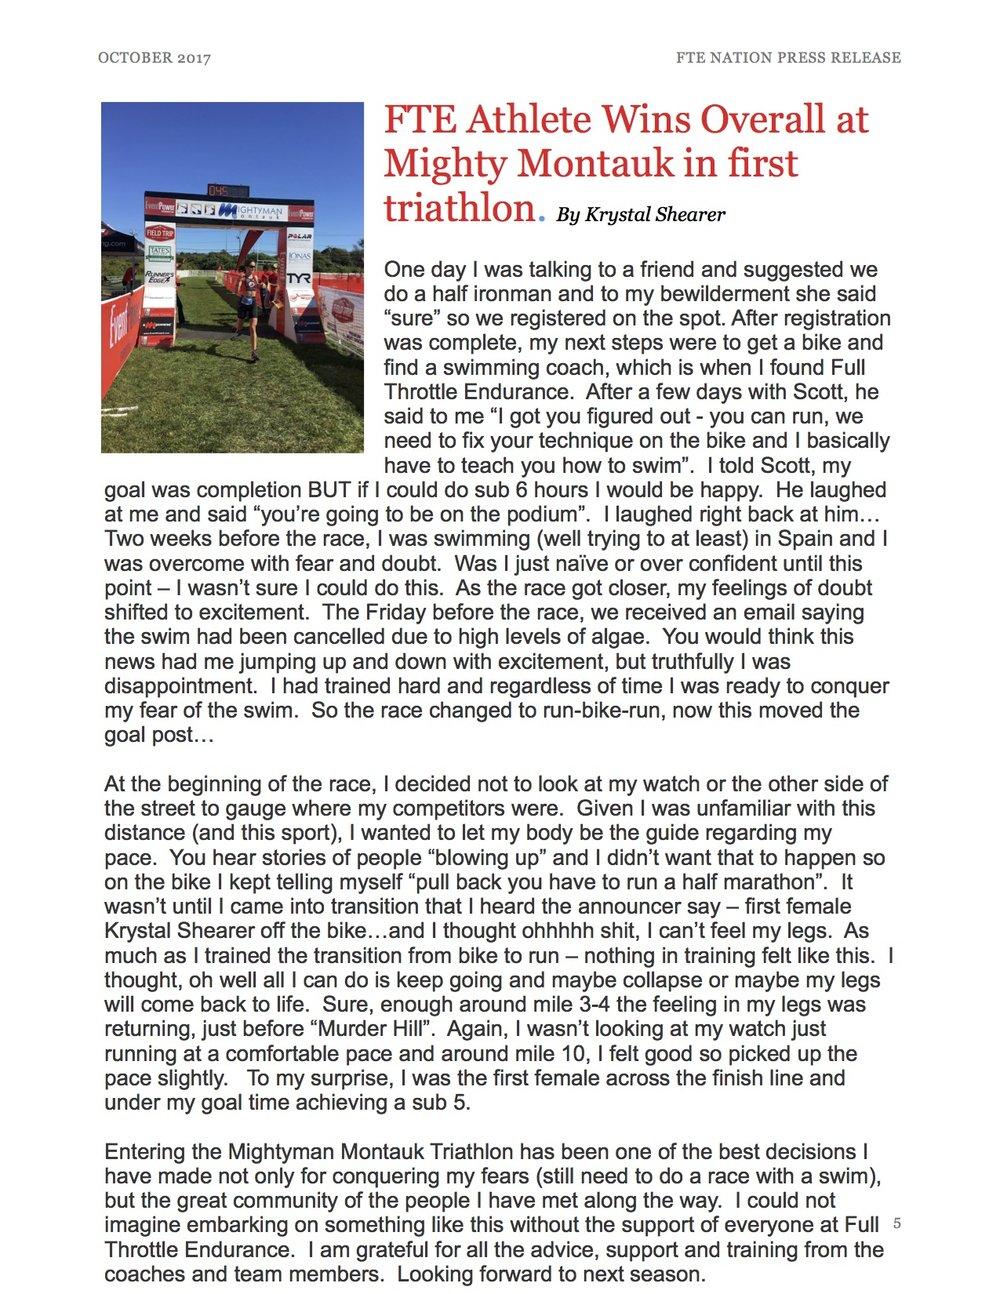 October 2017 press release 5.jpg